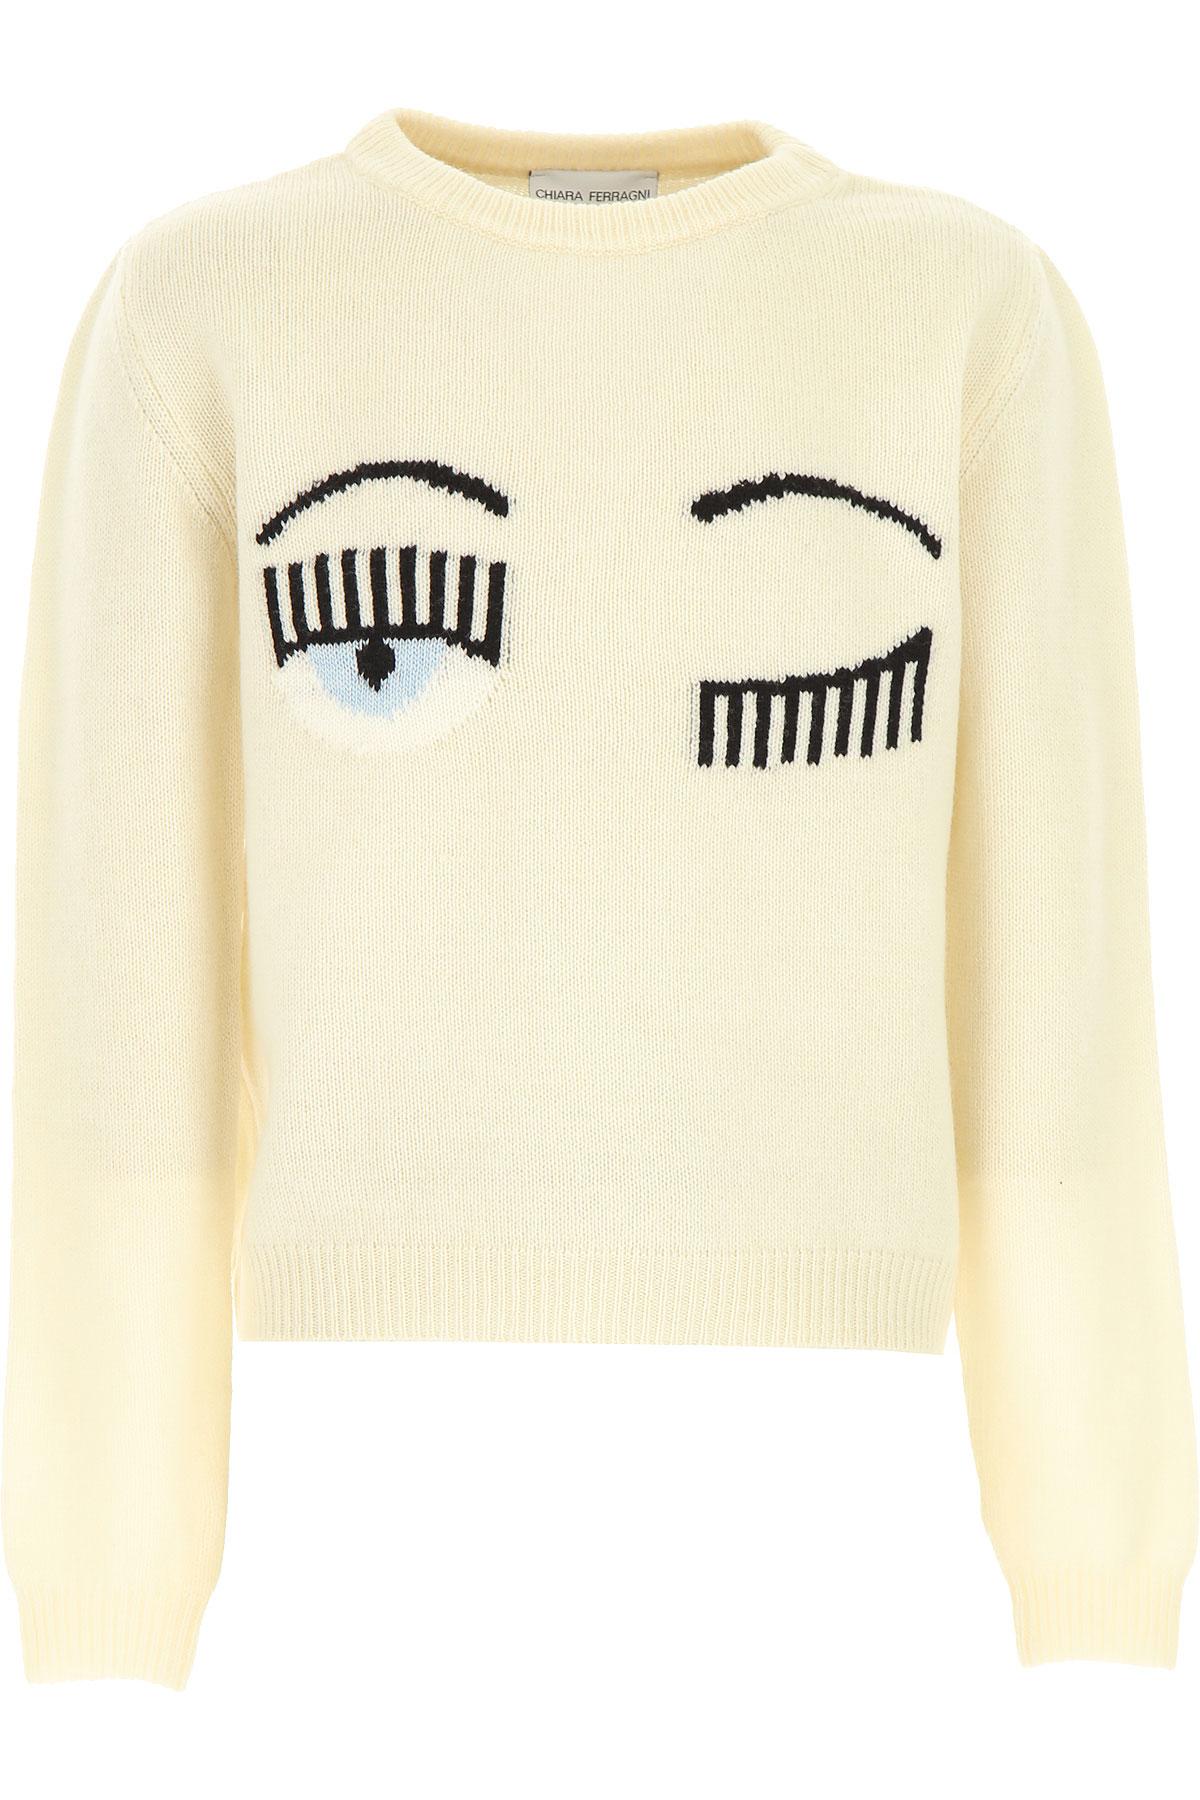 Chiara Ferragni Kids Sweaters for Girls On Sale, White, Wool, 2019, 10Y 12Y 14Y 6Y 8Y